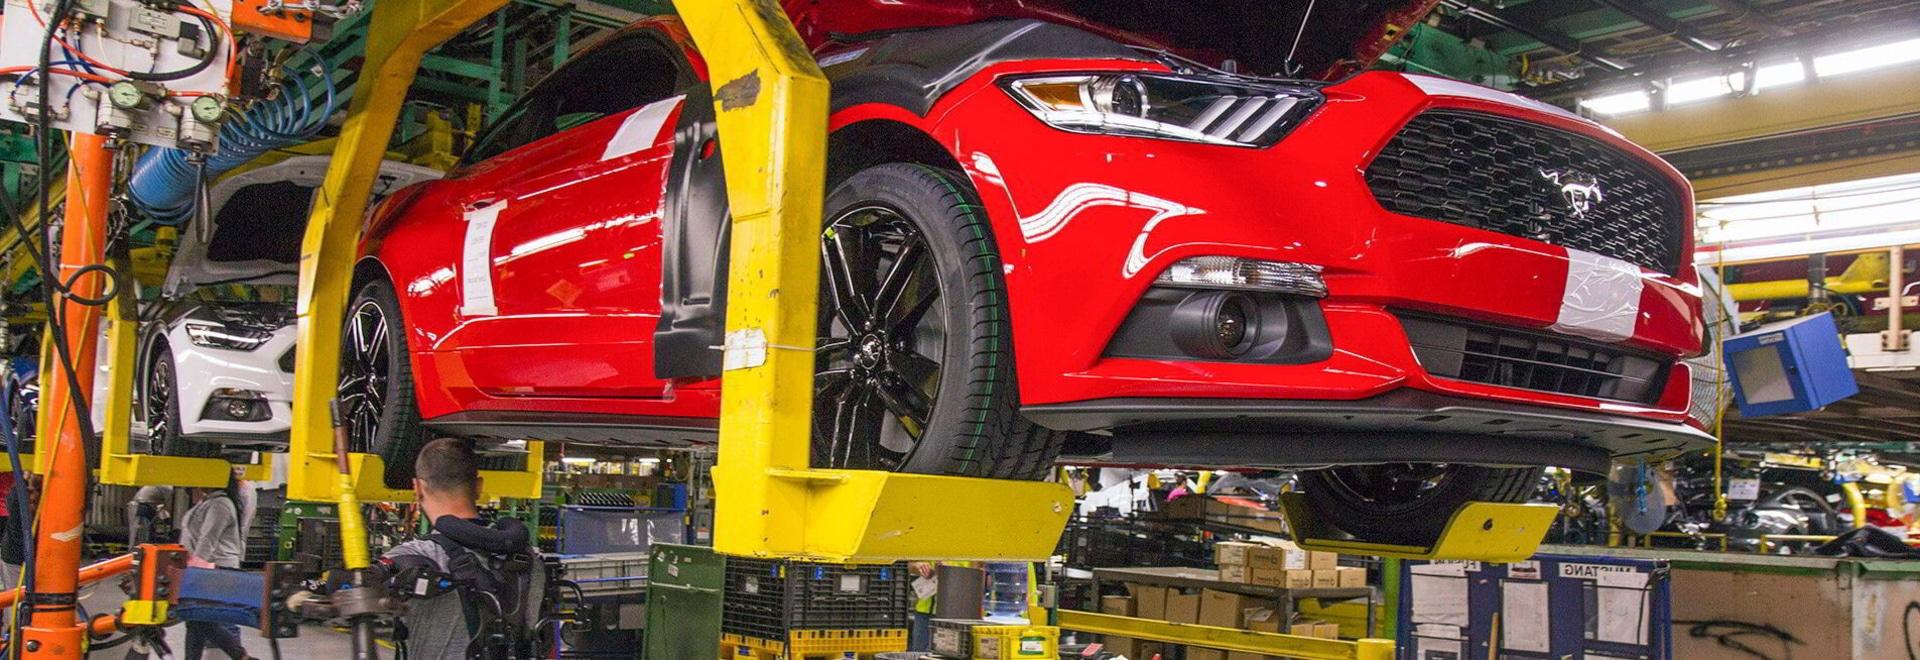 Cómo el EksoVest está cambiando la industria del automóvil necesitanda mucho trabajo